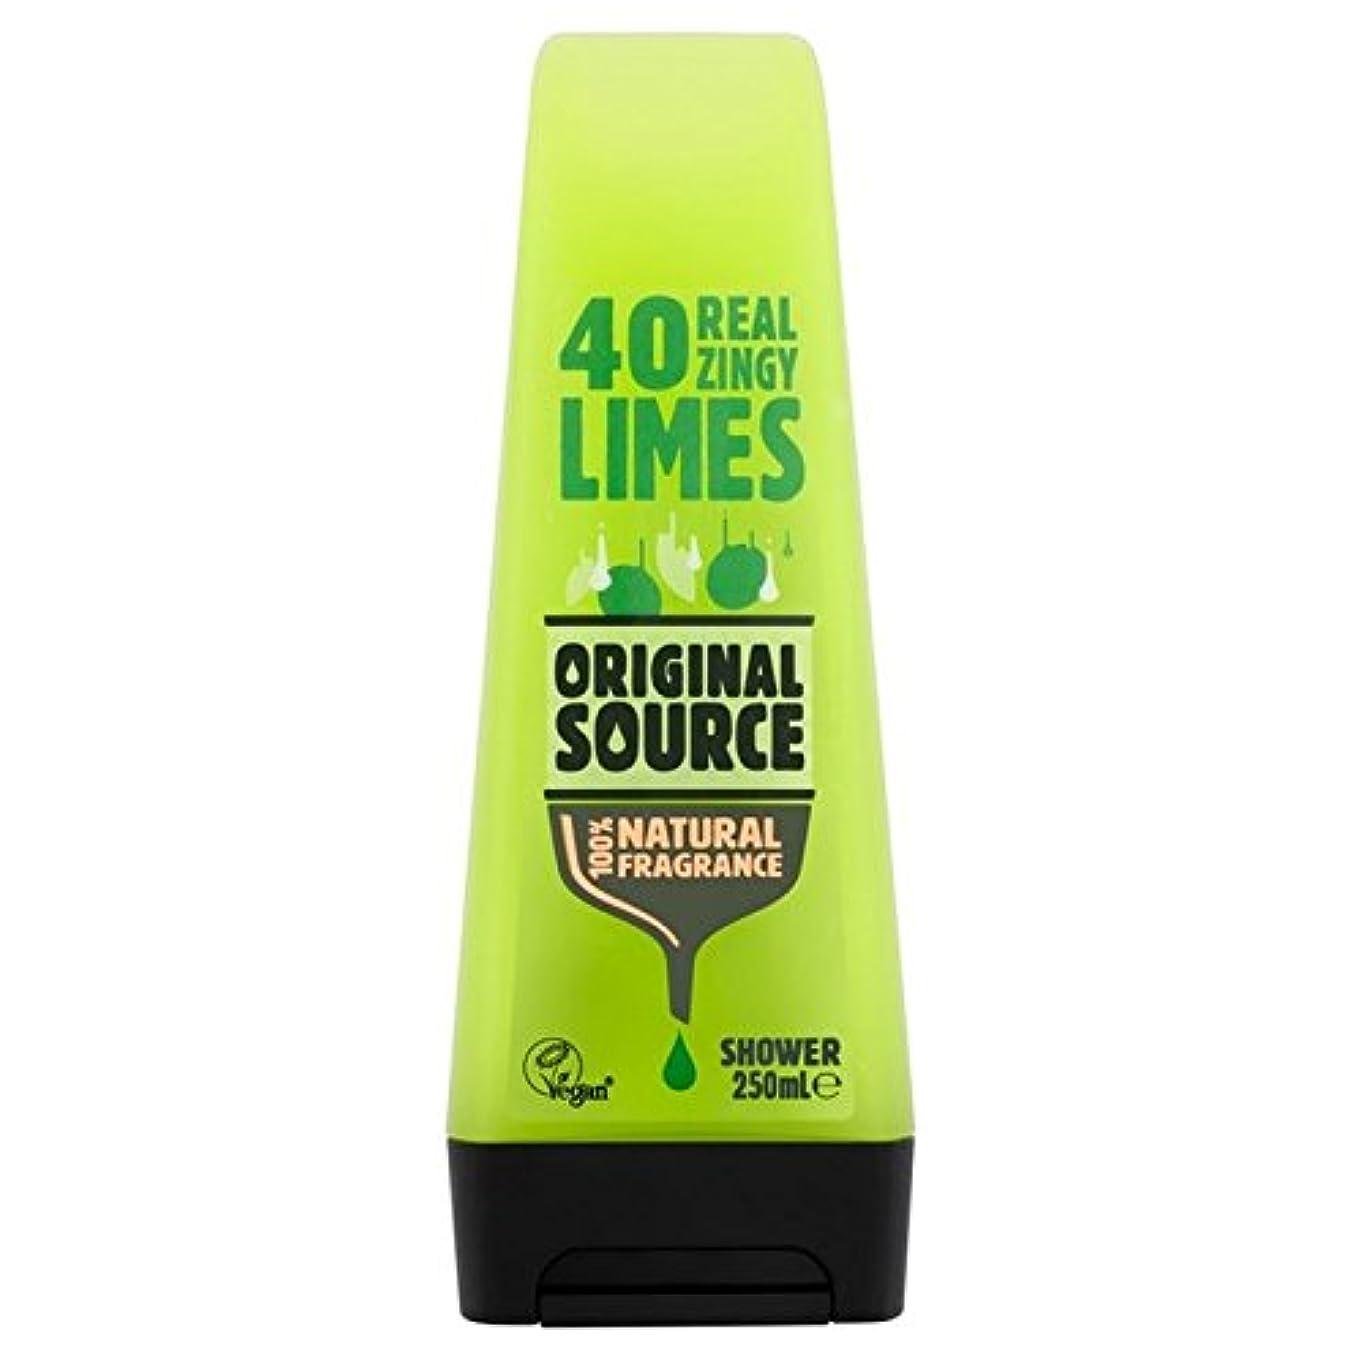 生理親密な教養がある元のソースライムシャワージェル250ミリリットル x2 - Original Source Lime Shower Gel 250ml (Pack of 2) [並行輸入品]